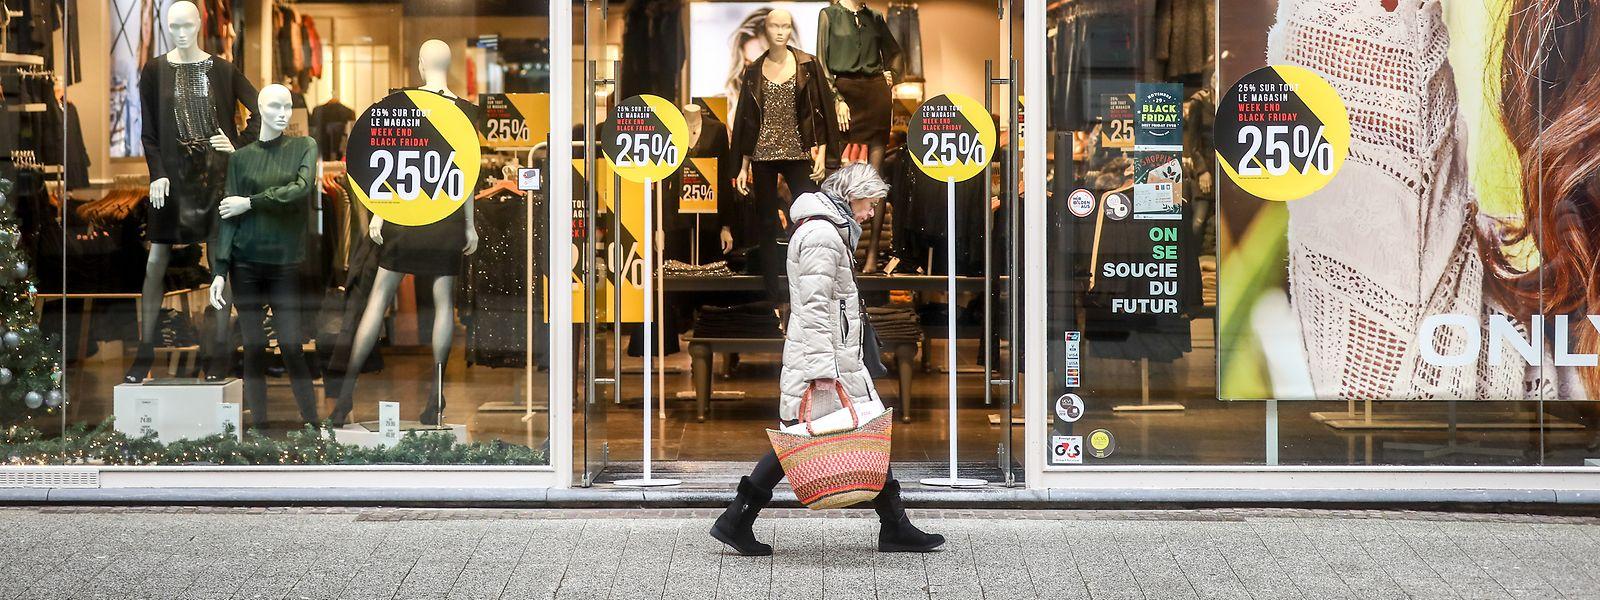 La Ville veut créer la solidarité entre clients et commerçants en lançant une plateforme d'aide aux commerçants sous forme de bons.